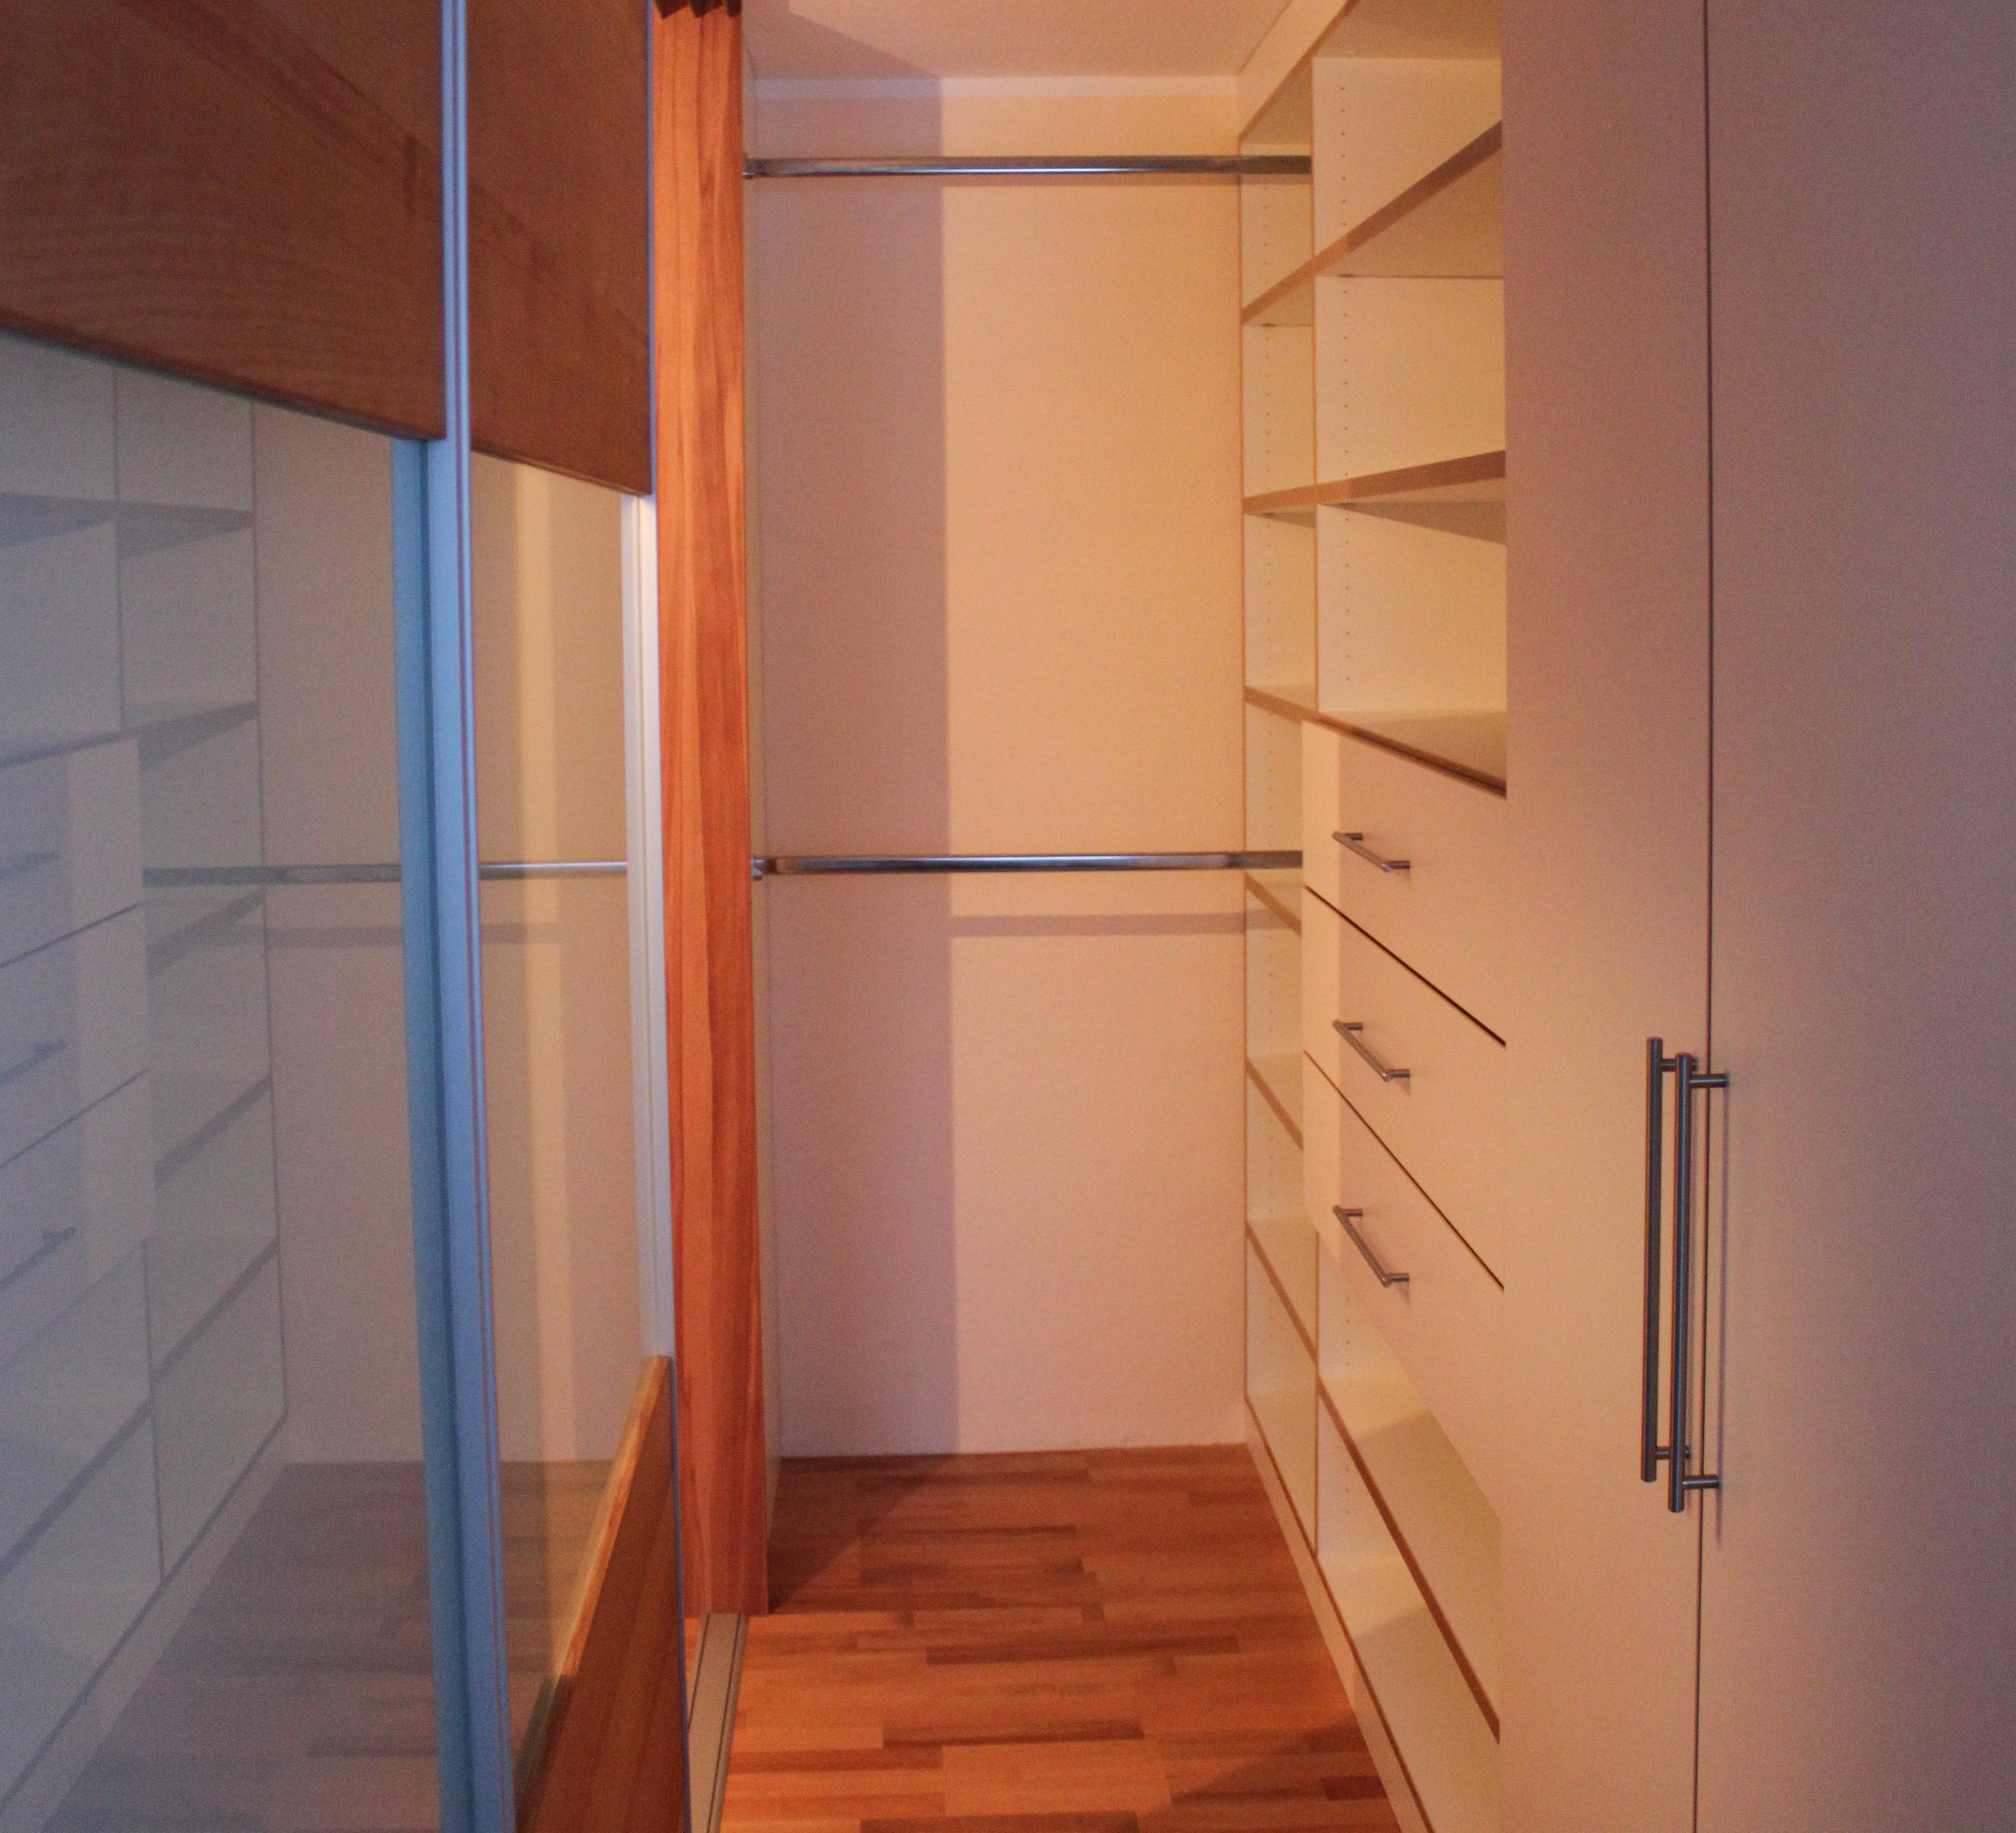 begehbarer Kleiderschrank im Schlafzimmer integriert